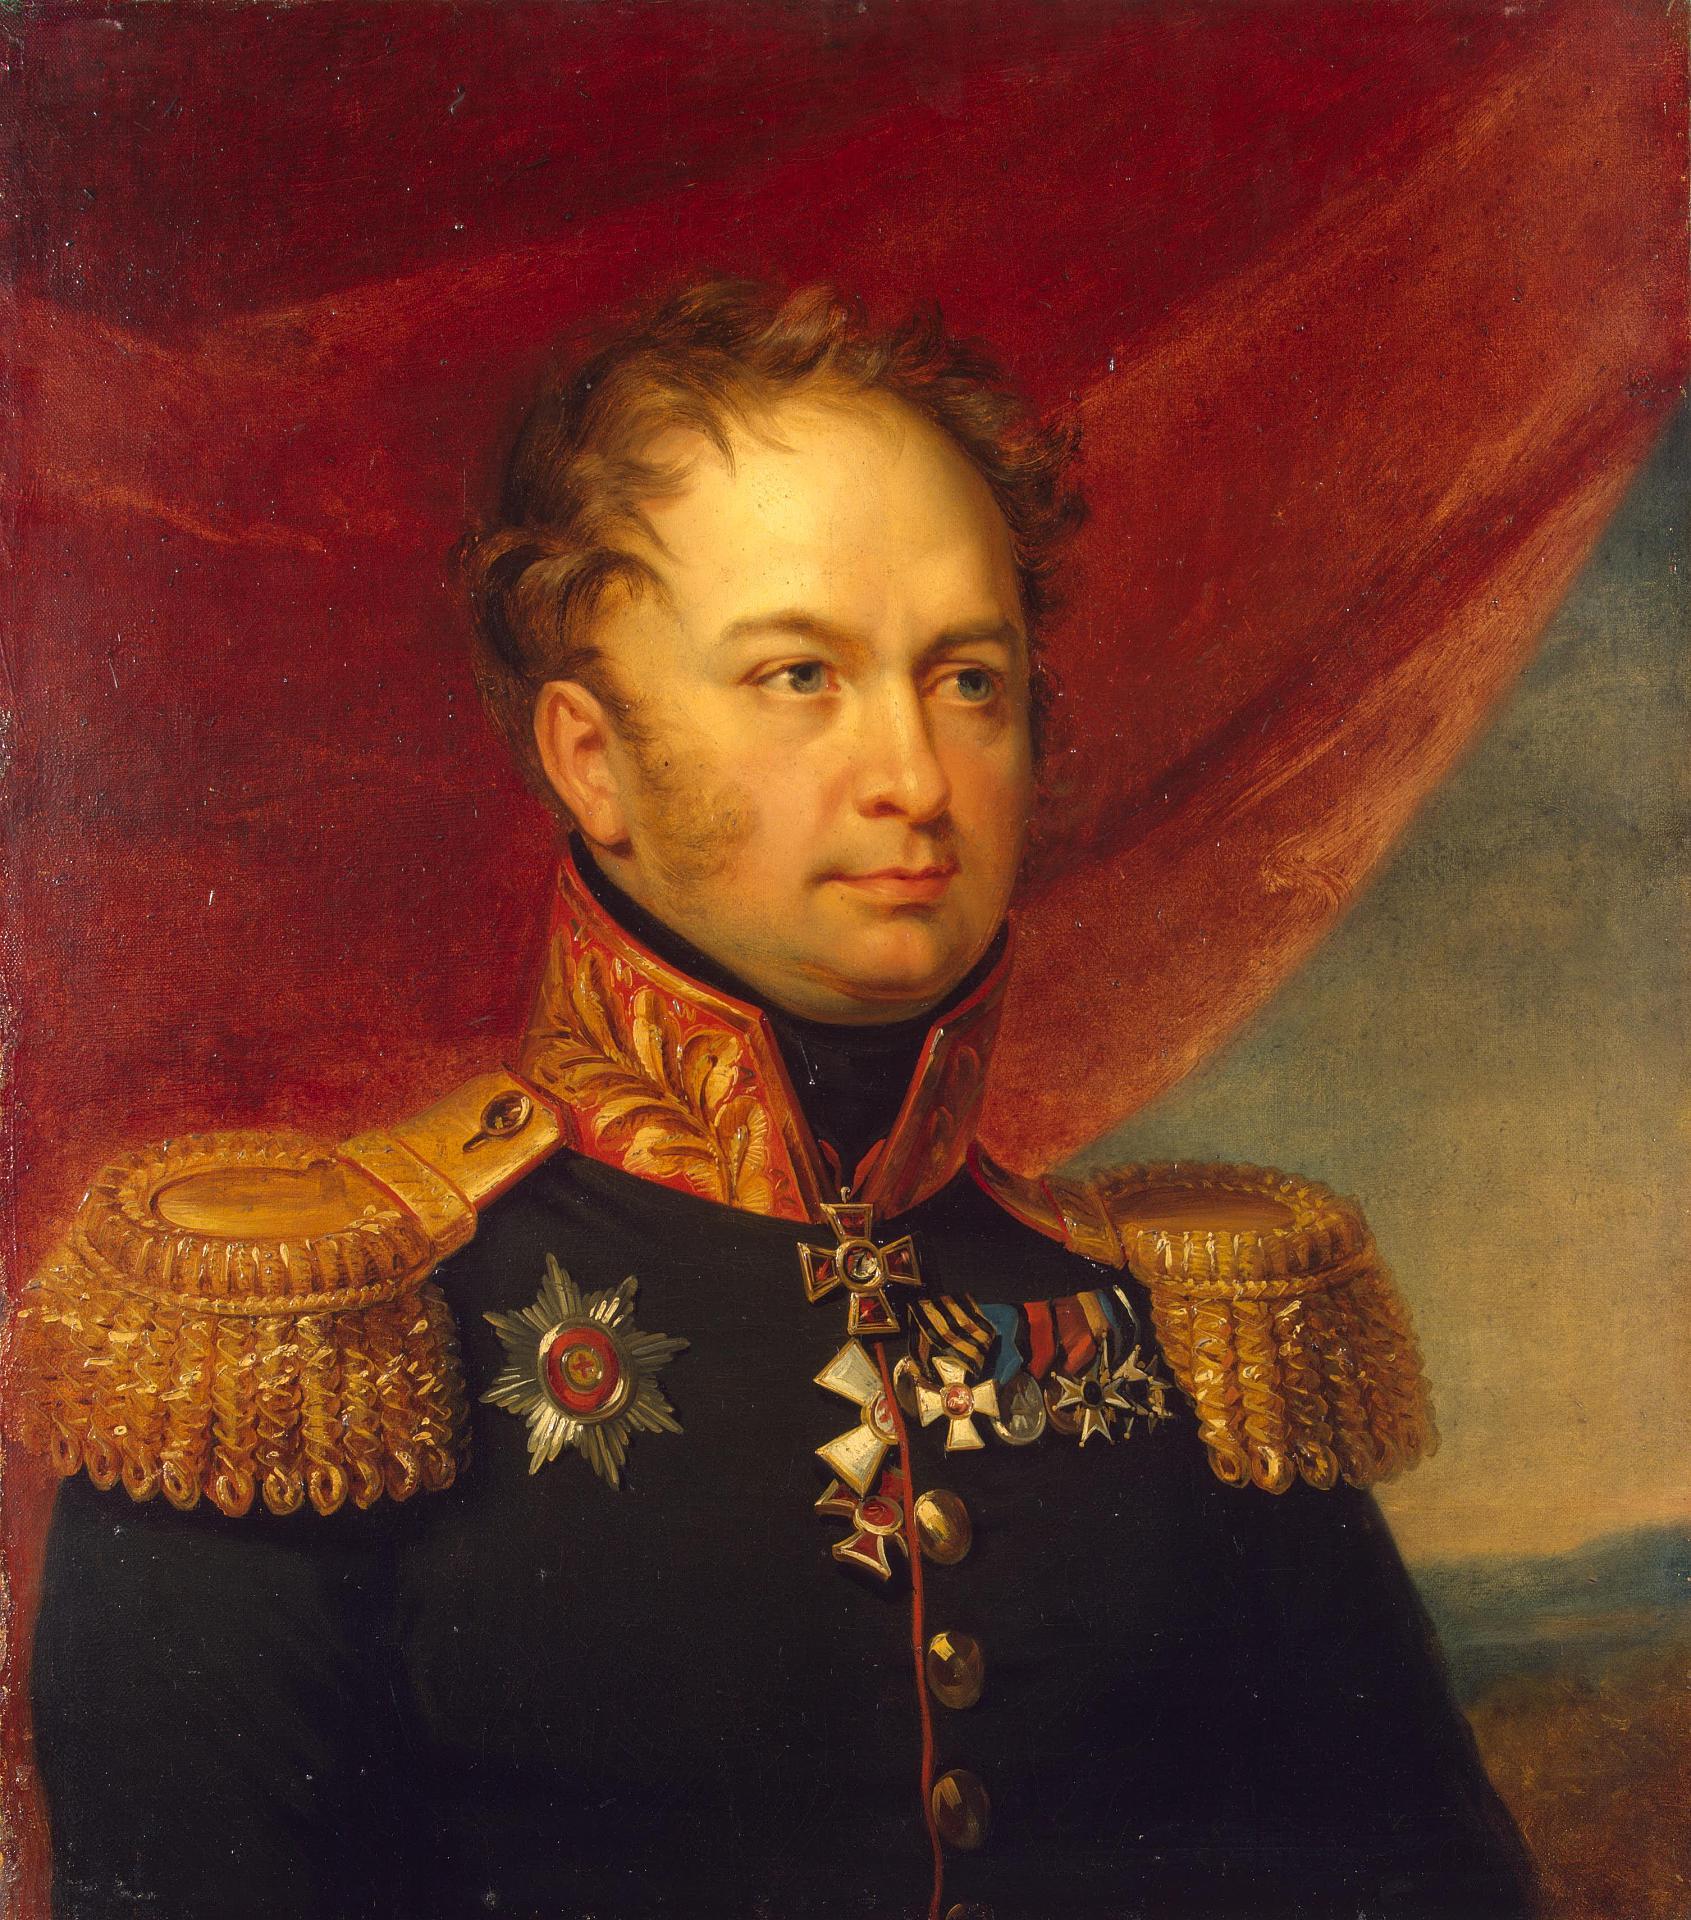 генерал от кавалерии яков степанович кологривов Хорхе Санчес-Кабесудо, Альберто